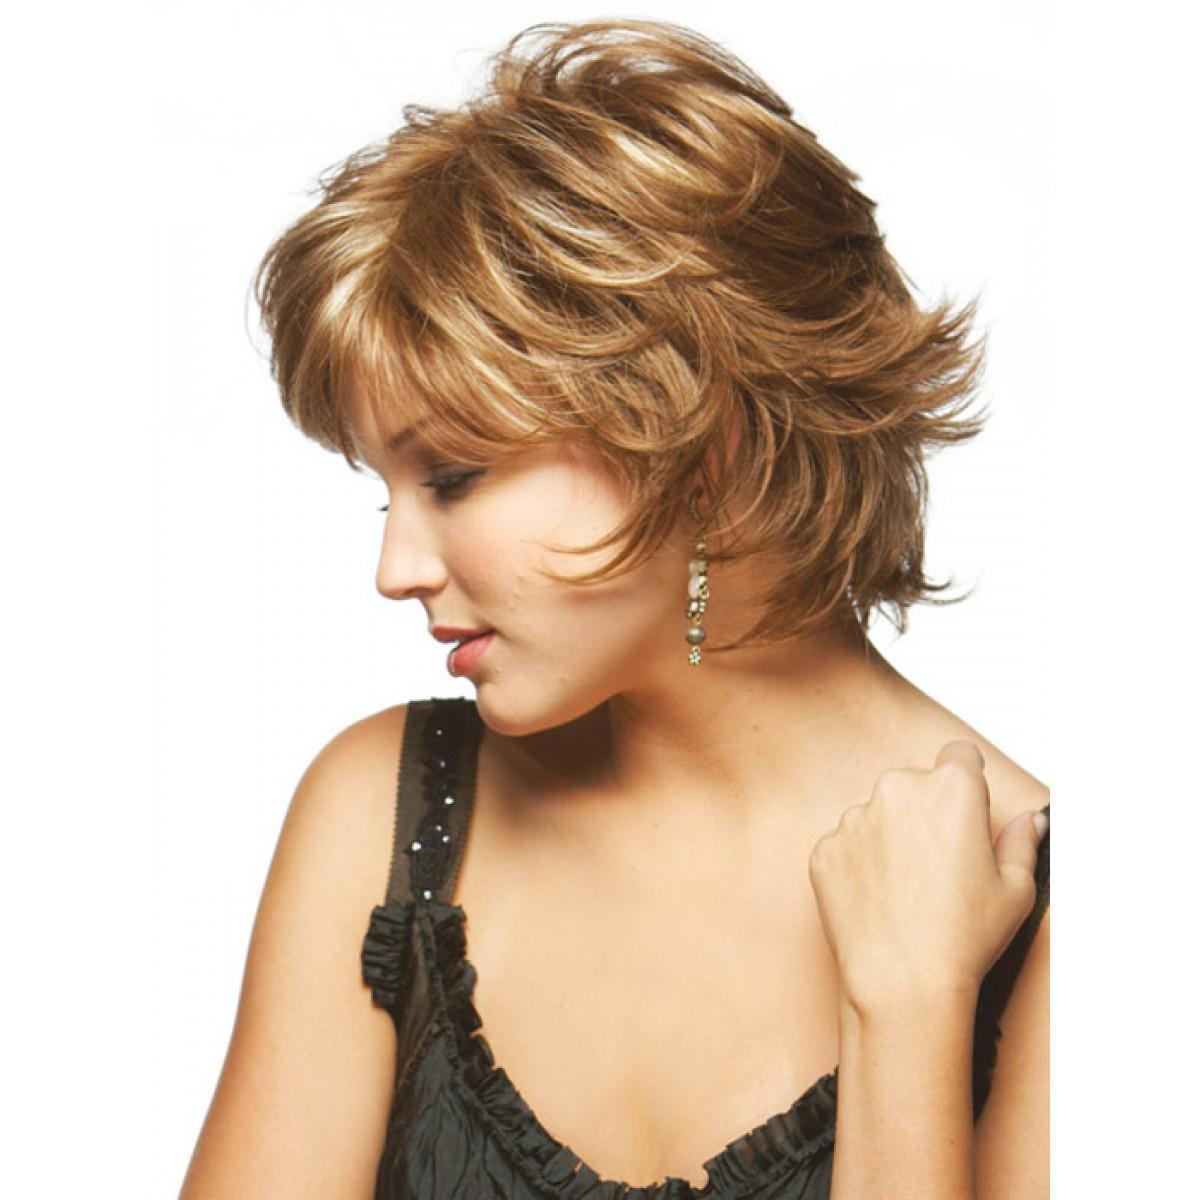 Прическа аврора на средние волосы фото старых времен